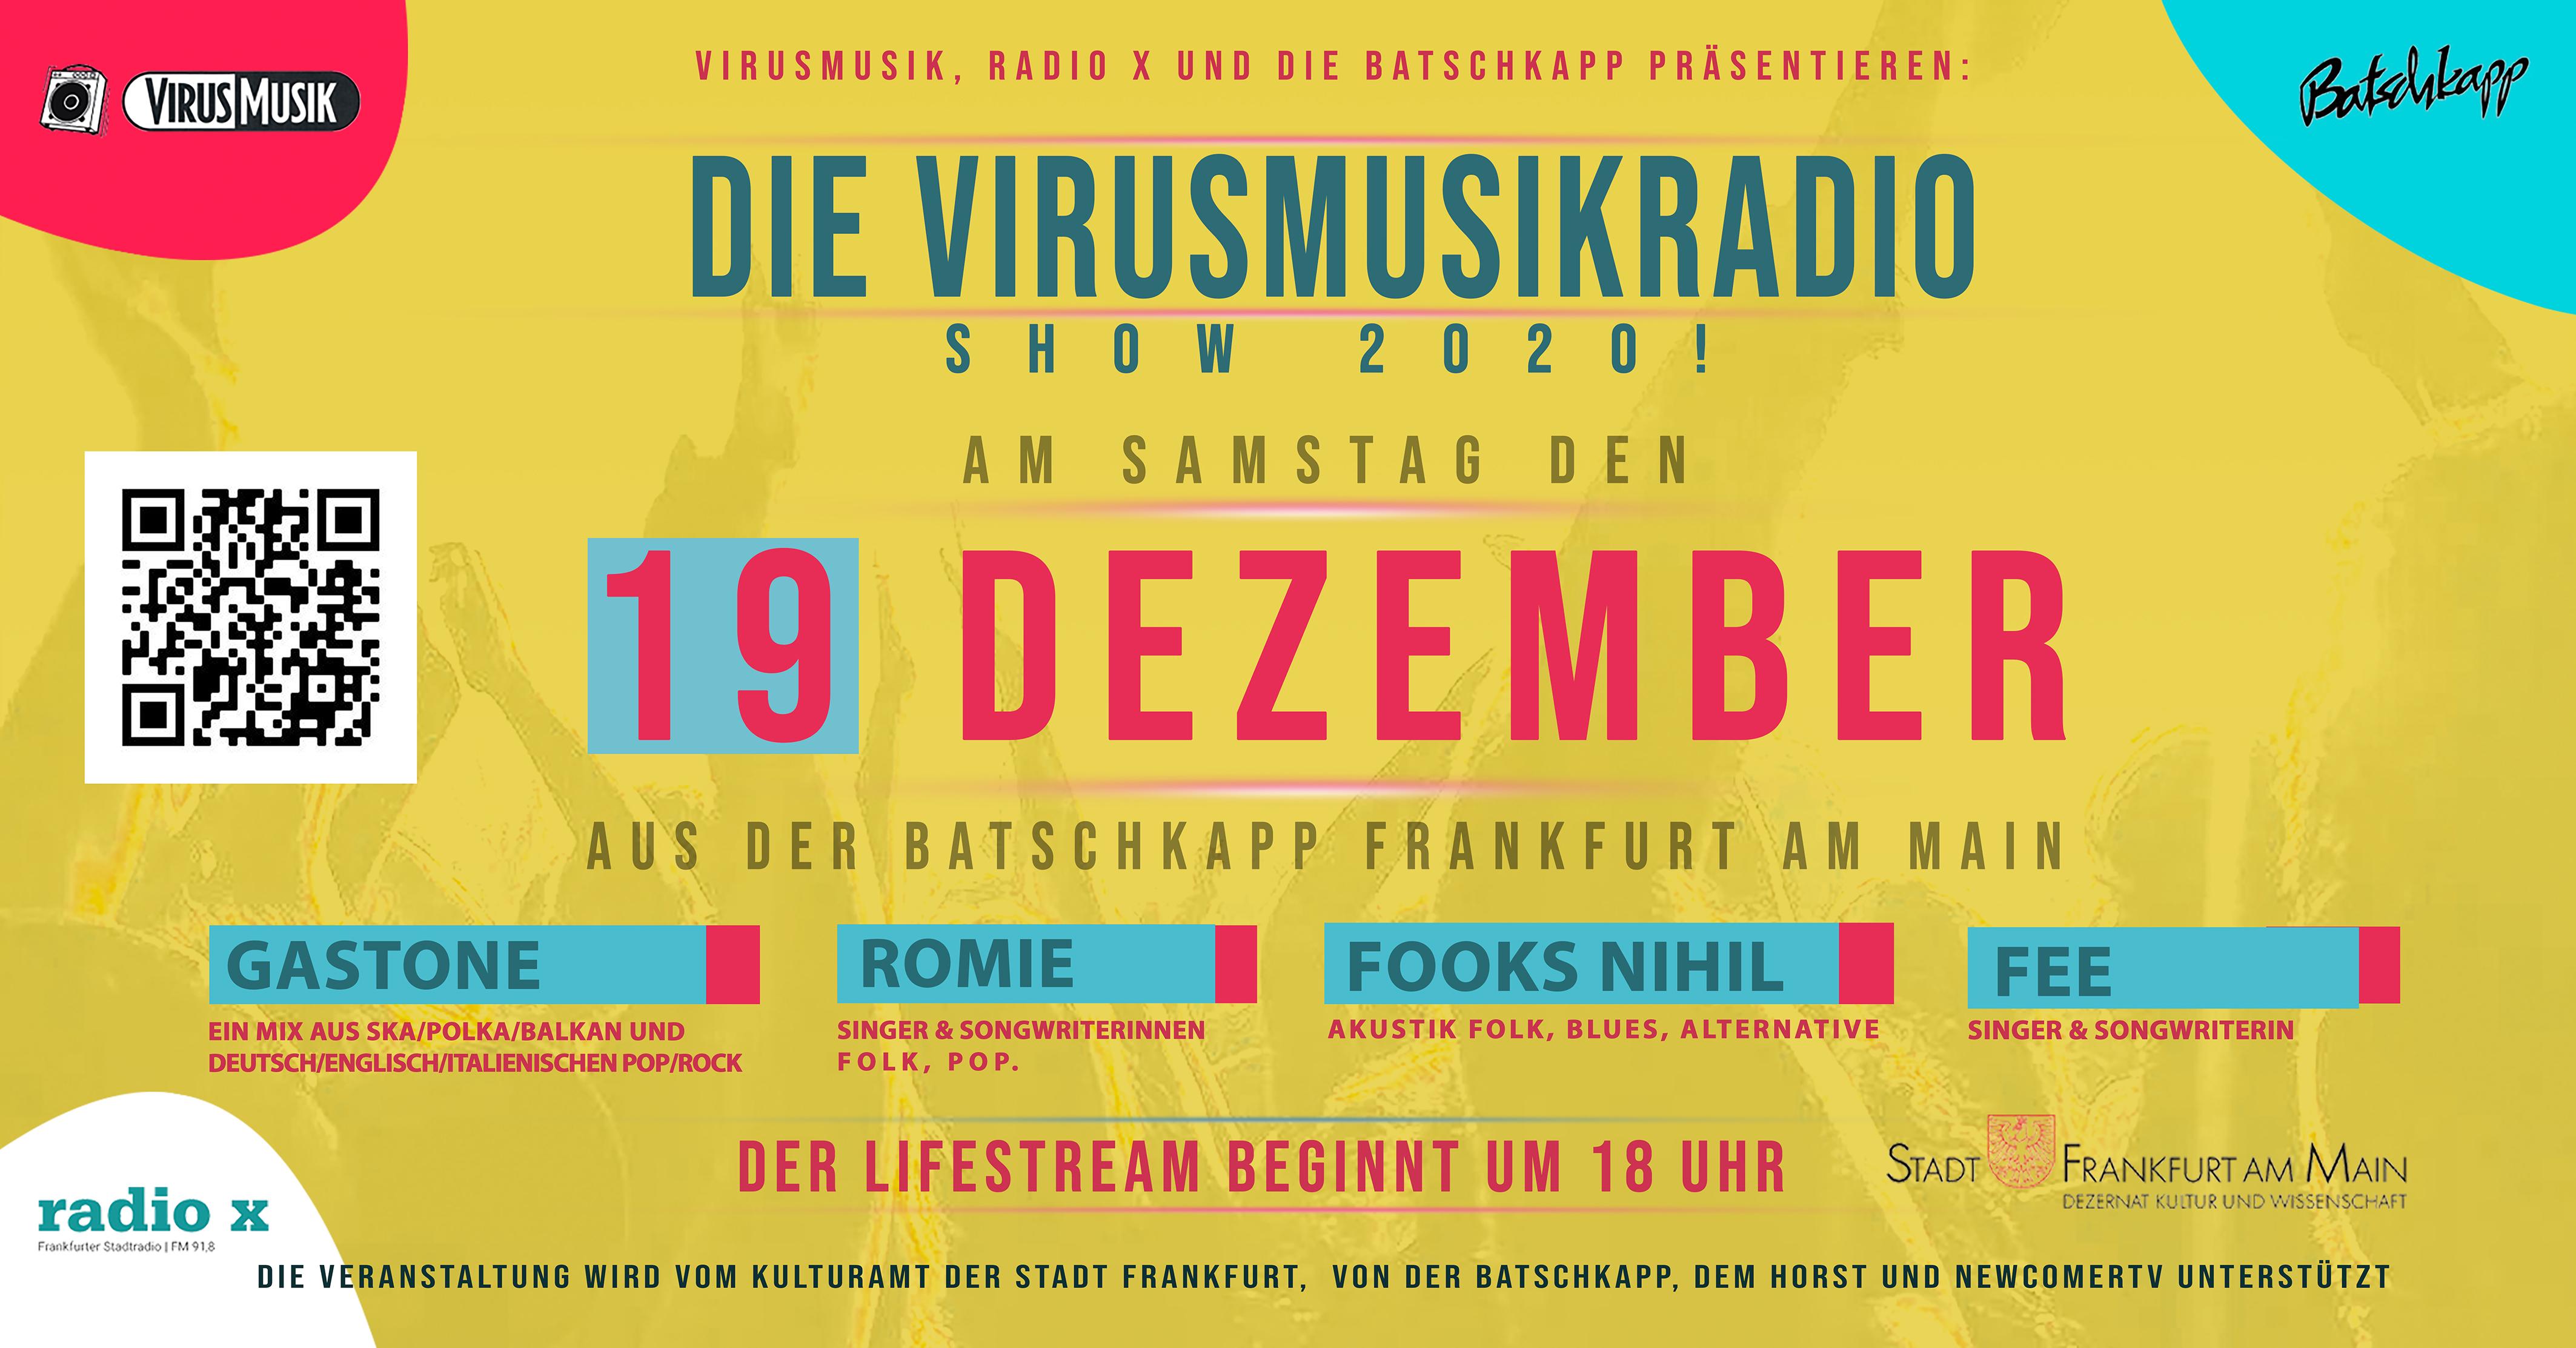 Die VirusMusikRadio Show 2020! In der Batschkapp zu Frankfurt am Main.